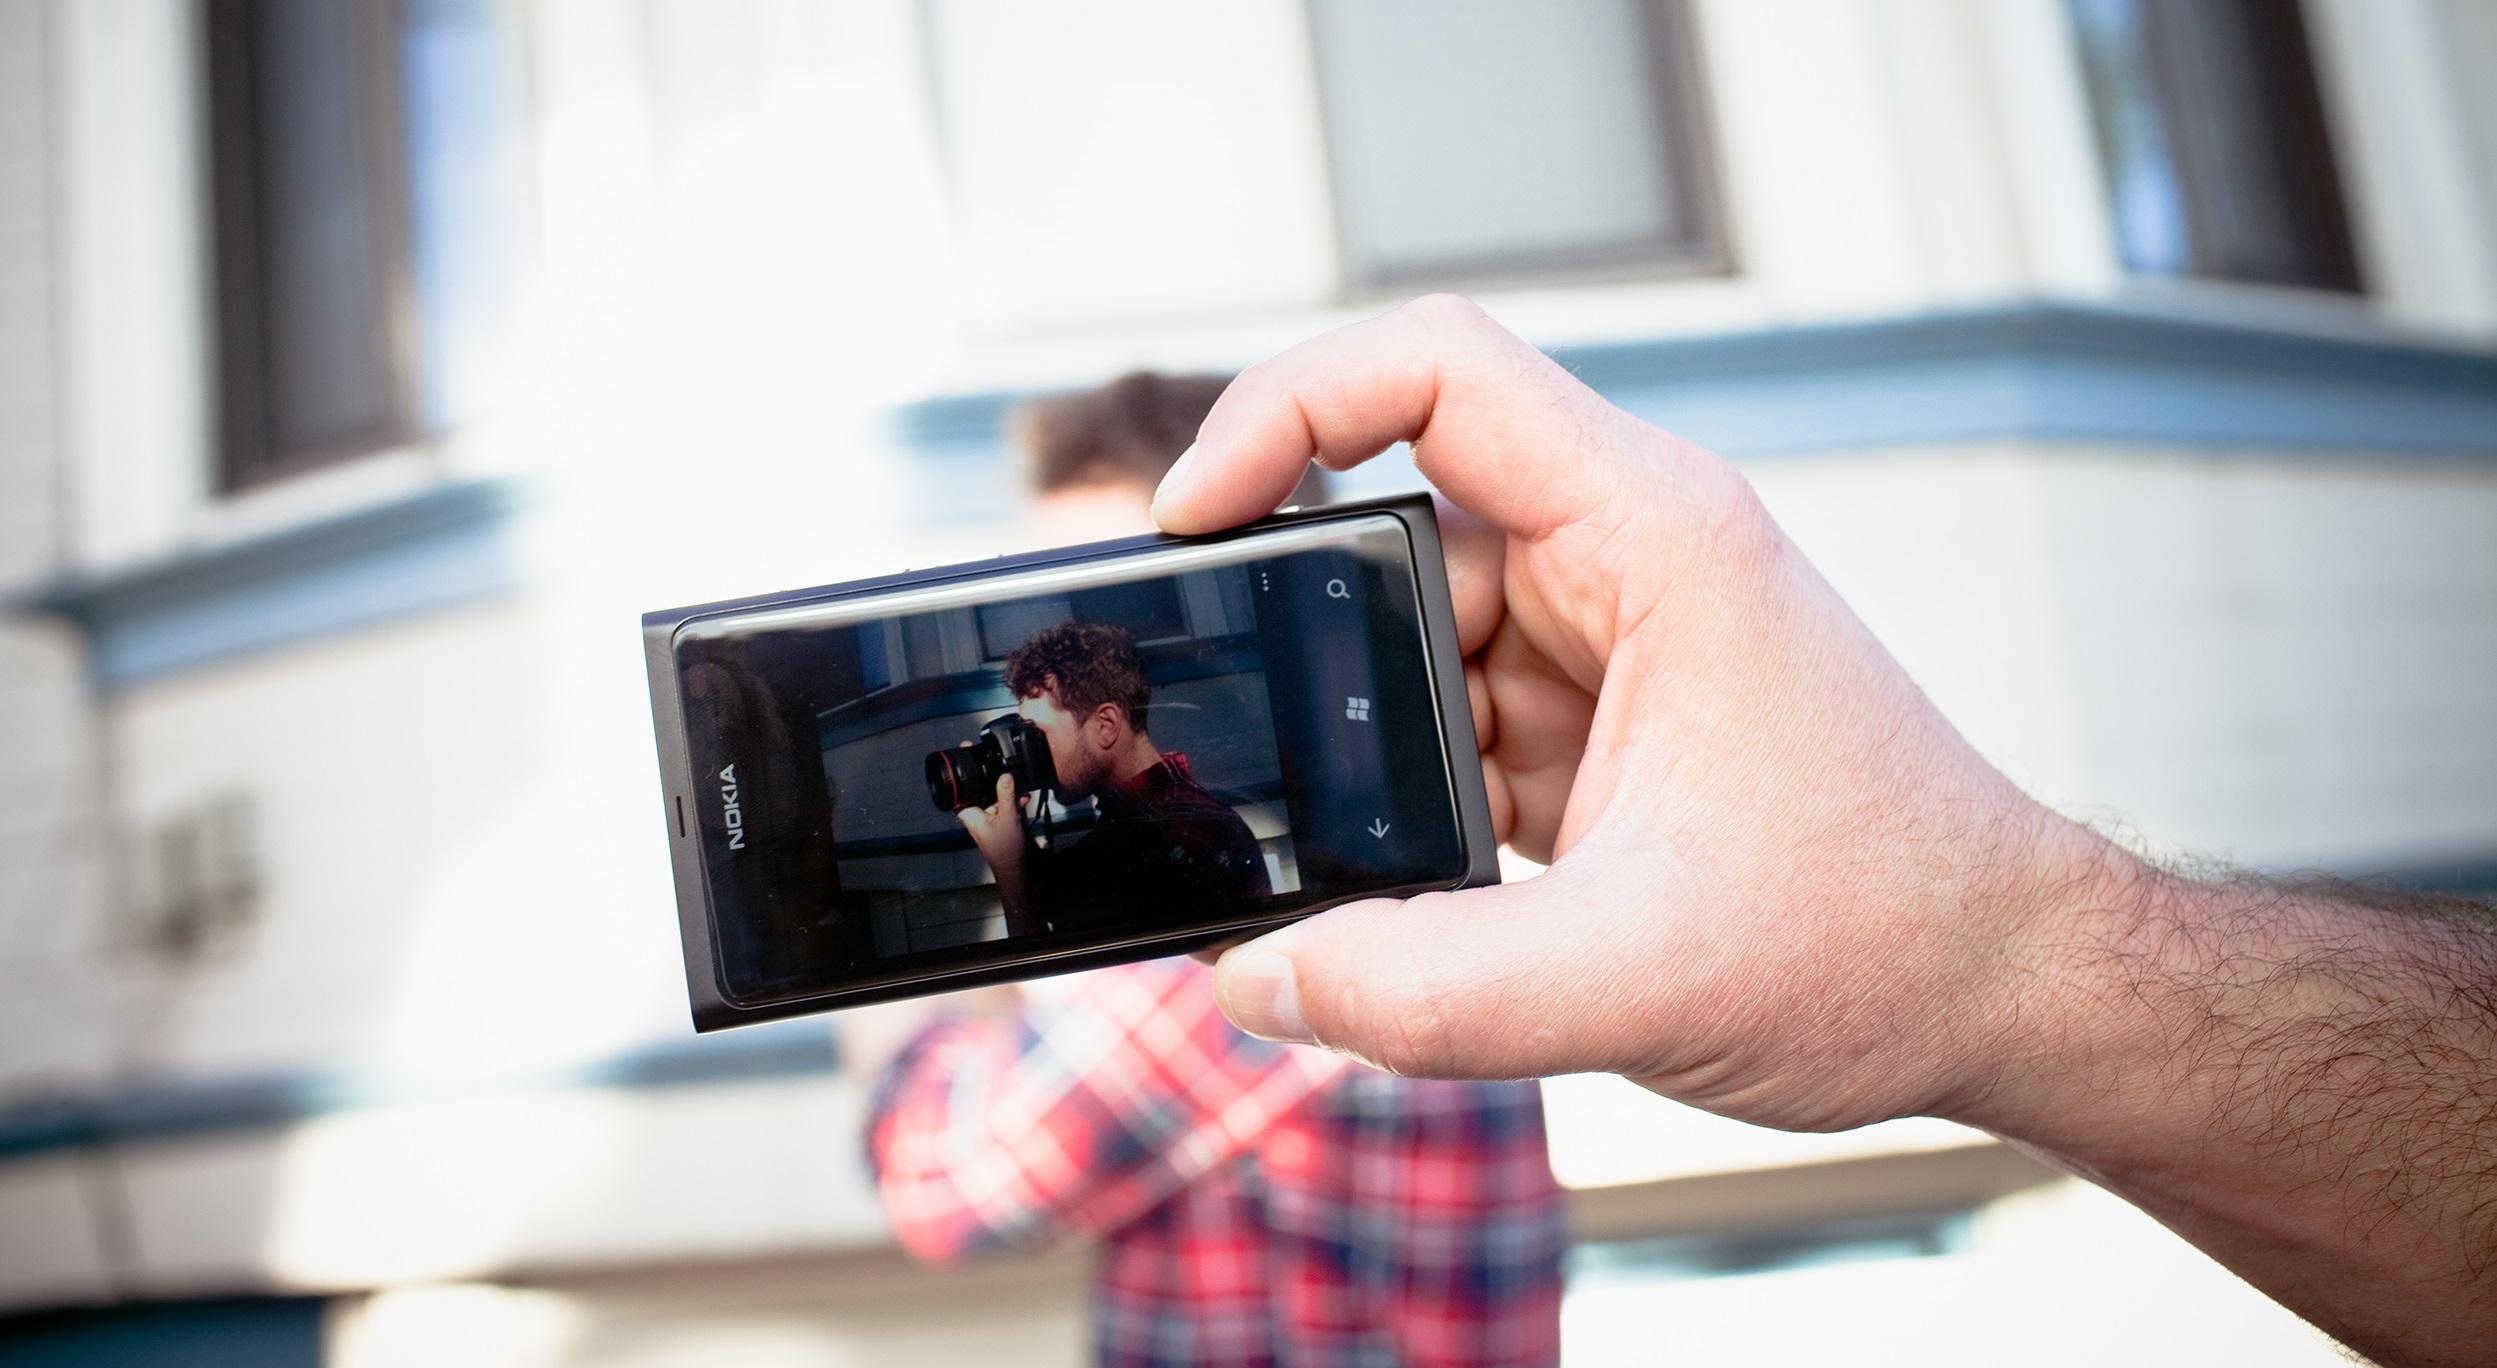 Видео/фото со смартфона станут доказательством административных правонарушений